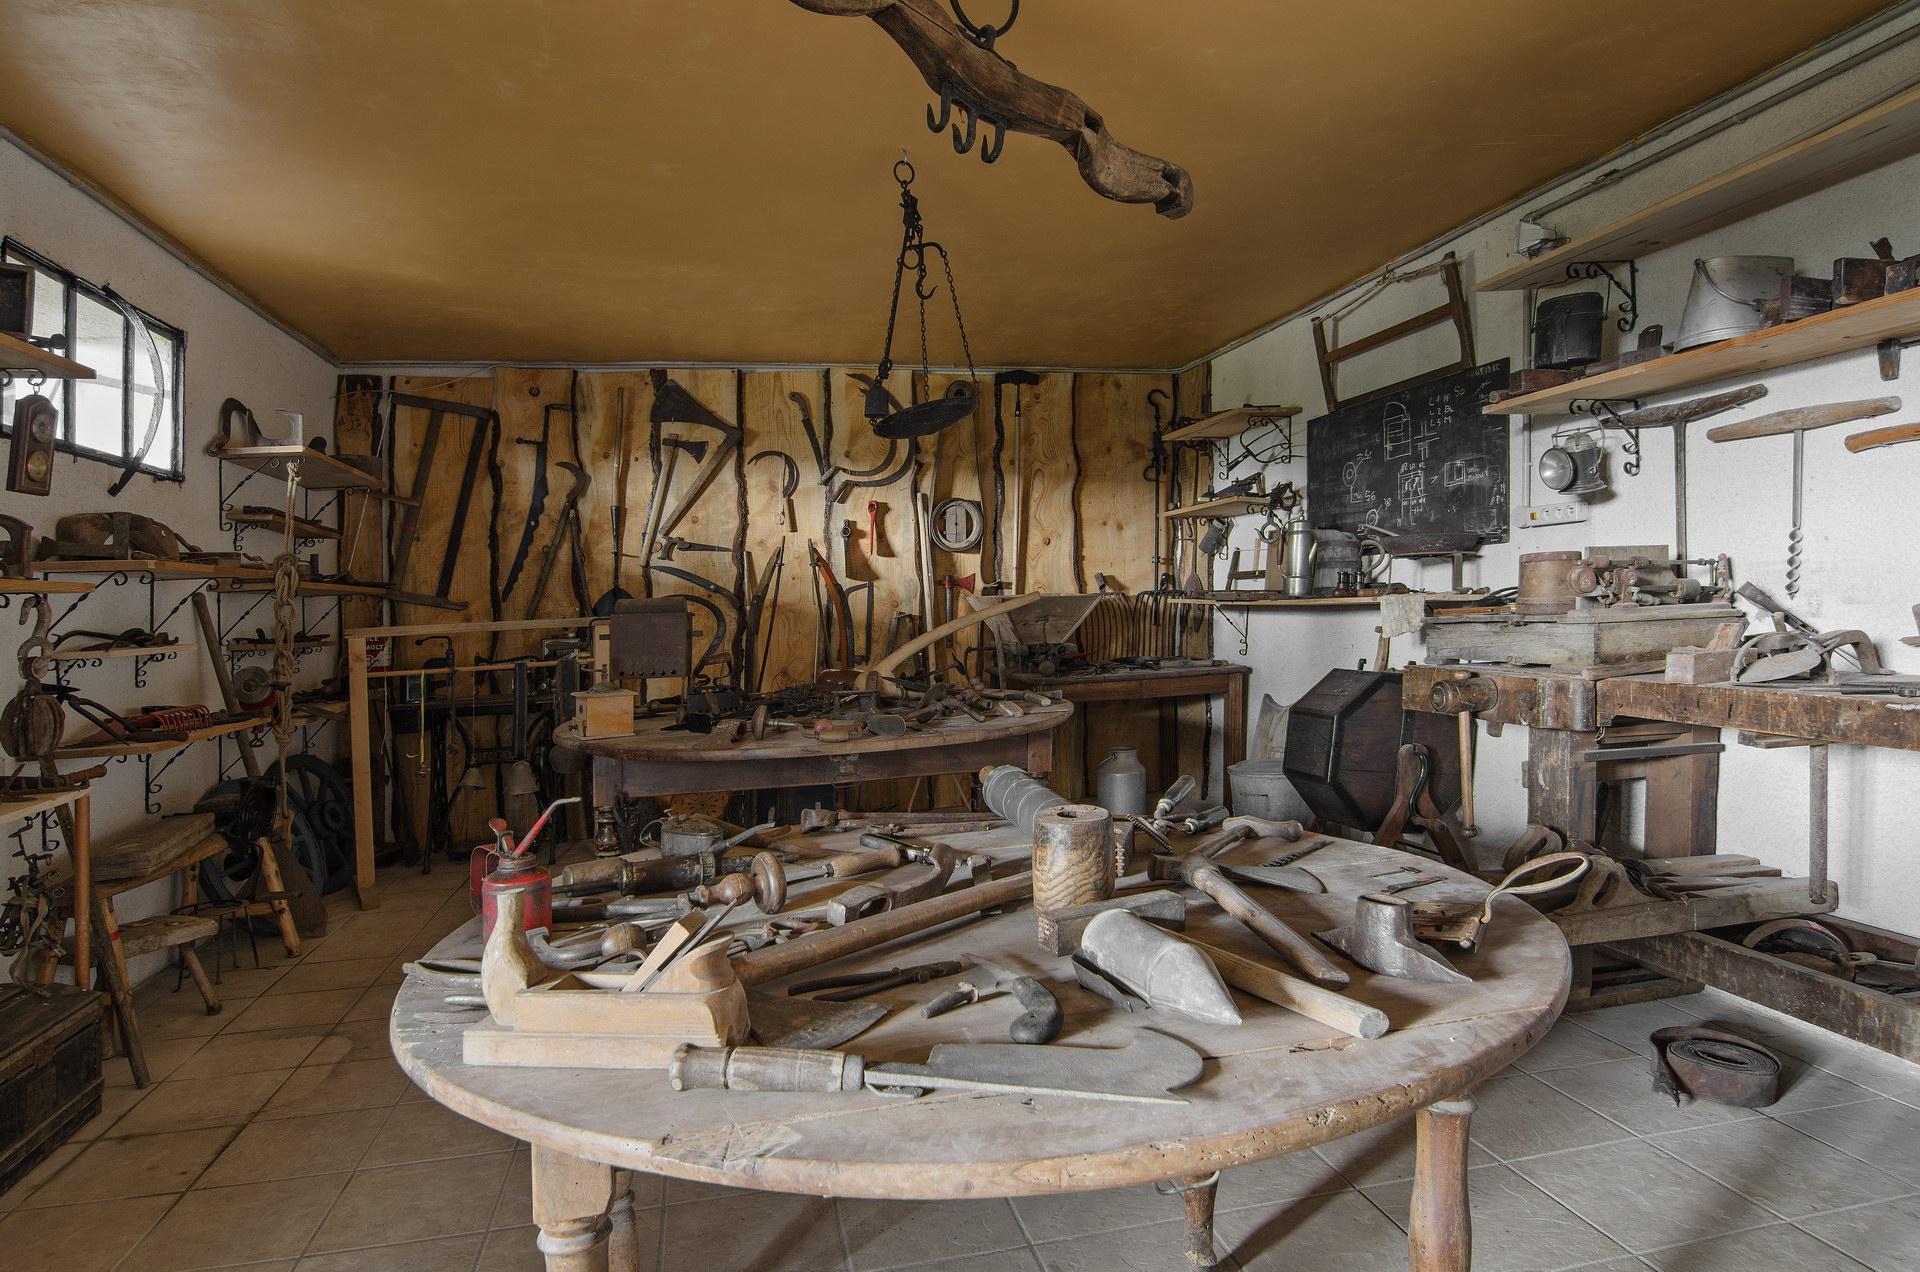 Fontaine Neuve gites et chambres d'hôtes à Lure : le musée des anciens, les outils restaurés